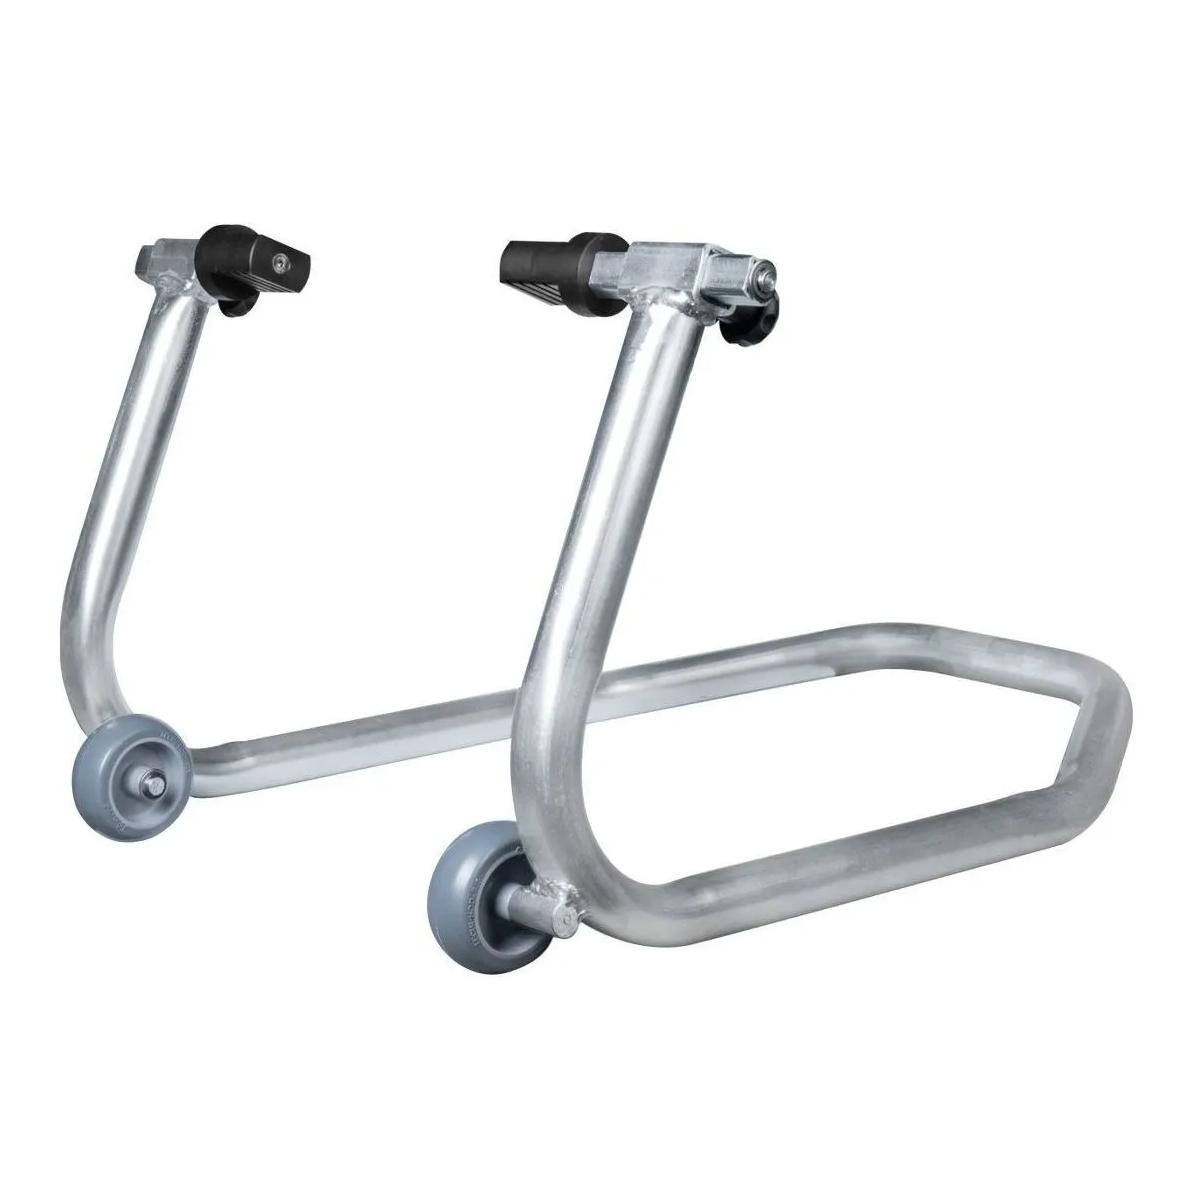 Cavalete Traseiro Evolution Universal Motos Com Ou Sem Slider Zincado